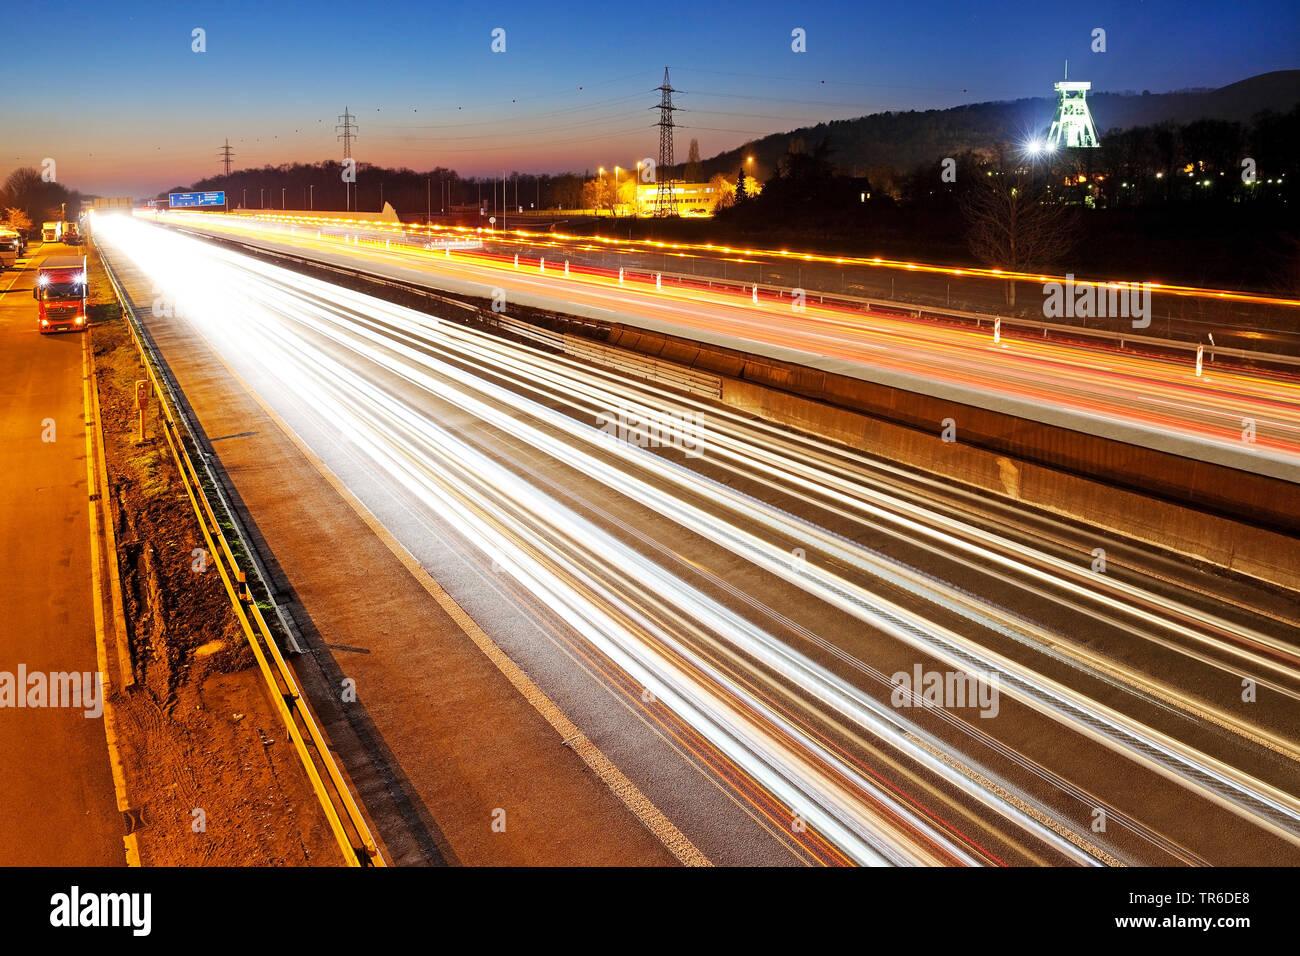 Strie de lumière des voitures sur l'autoroute A2 et le couvre-chef de l'ex-mine de charbon Haniel, Allemagne, Rhénanie du Nord-Westphalie, Ruhr, Bottrop Banque D'Images